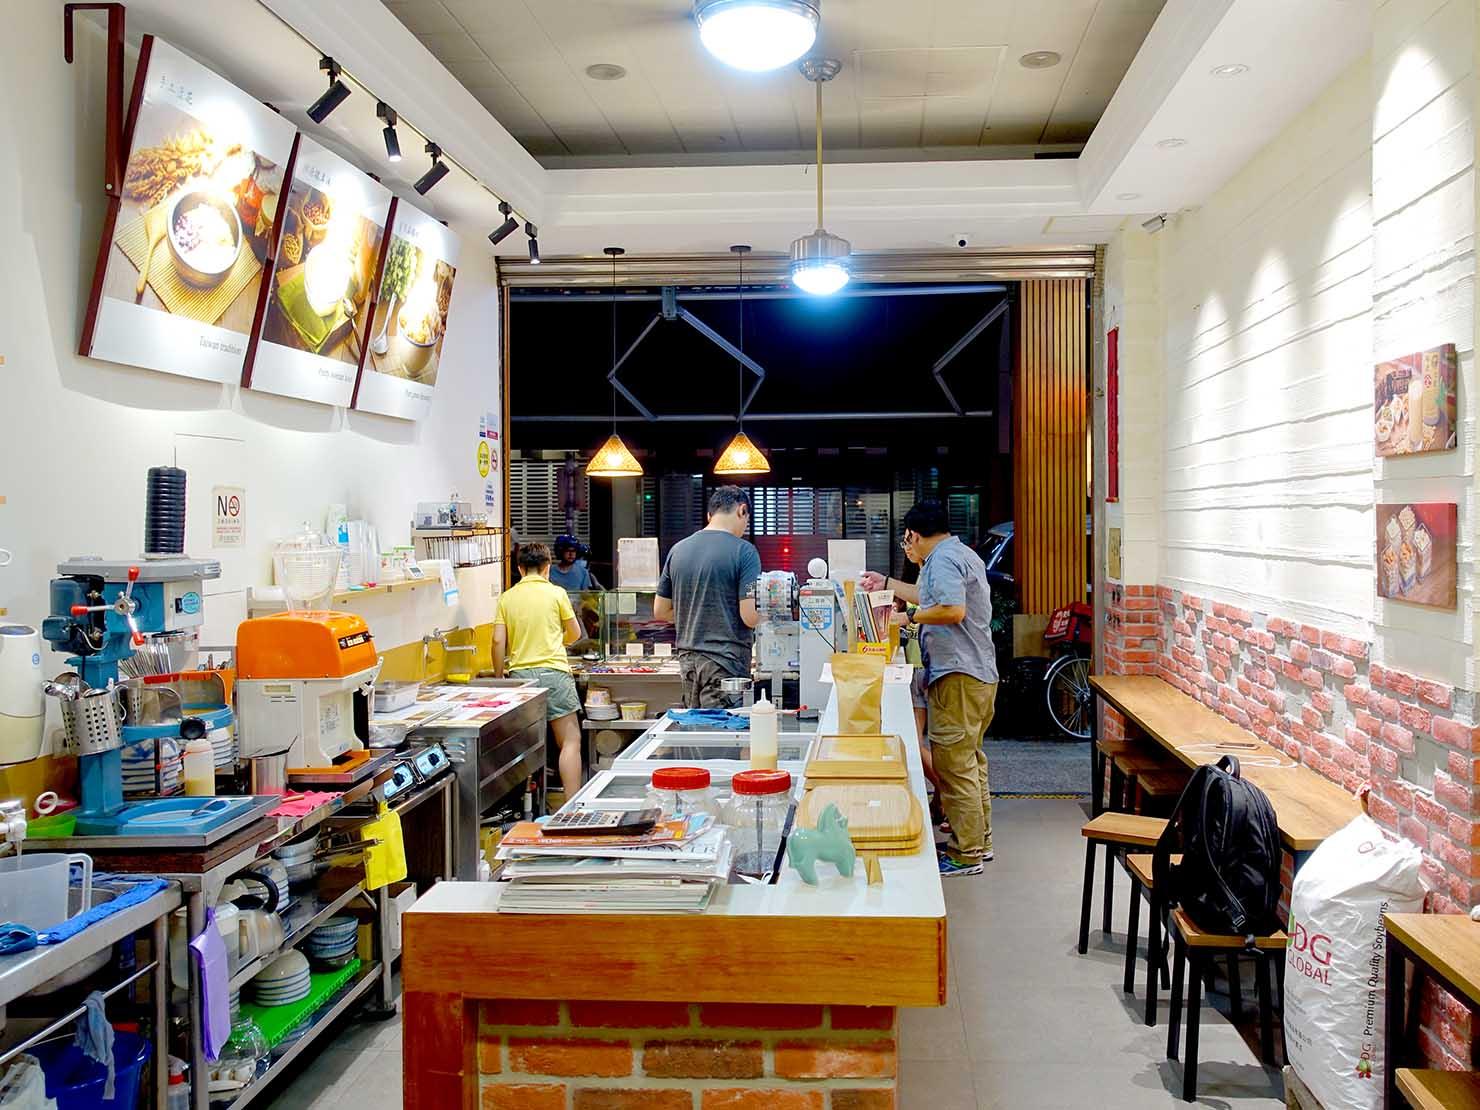 台北・西門町のおすすめデザート店「來呷甜甜品」の店内